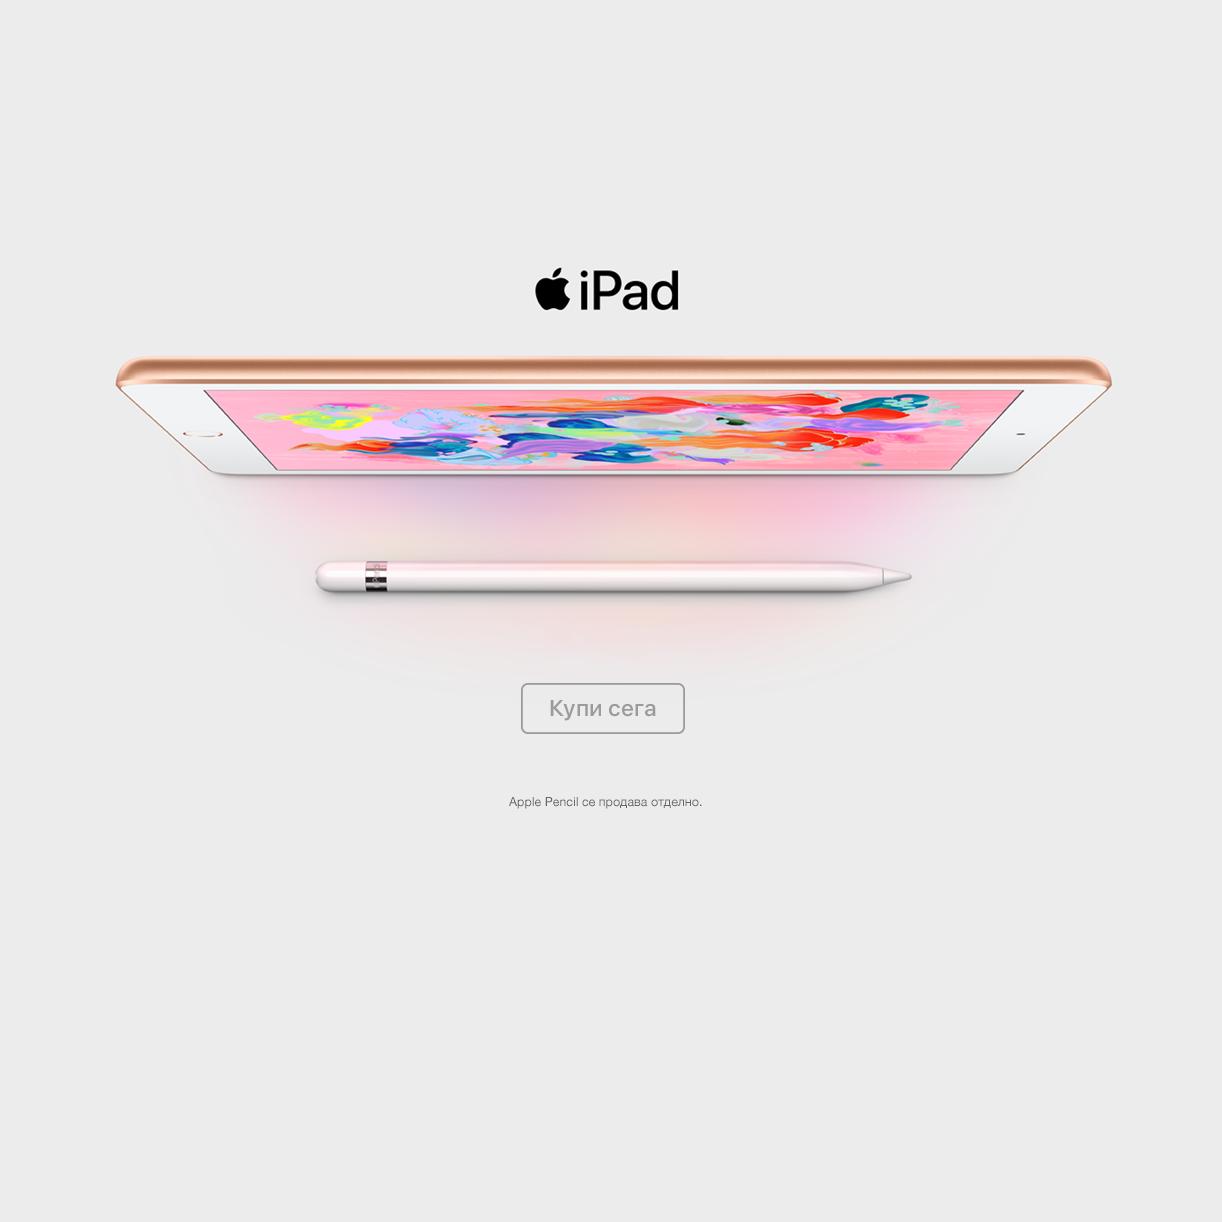 iPad slider